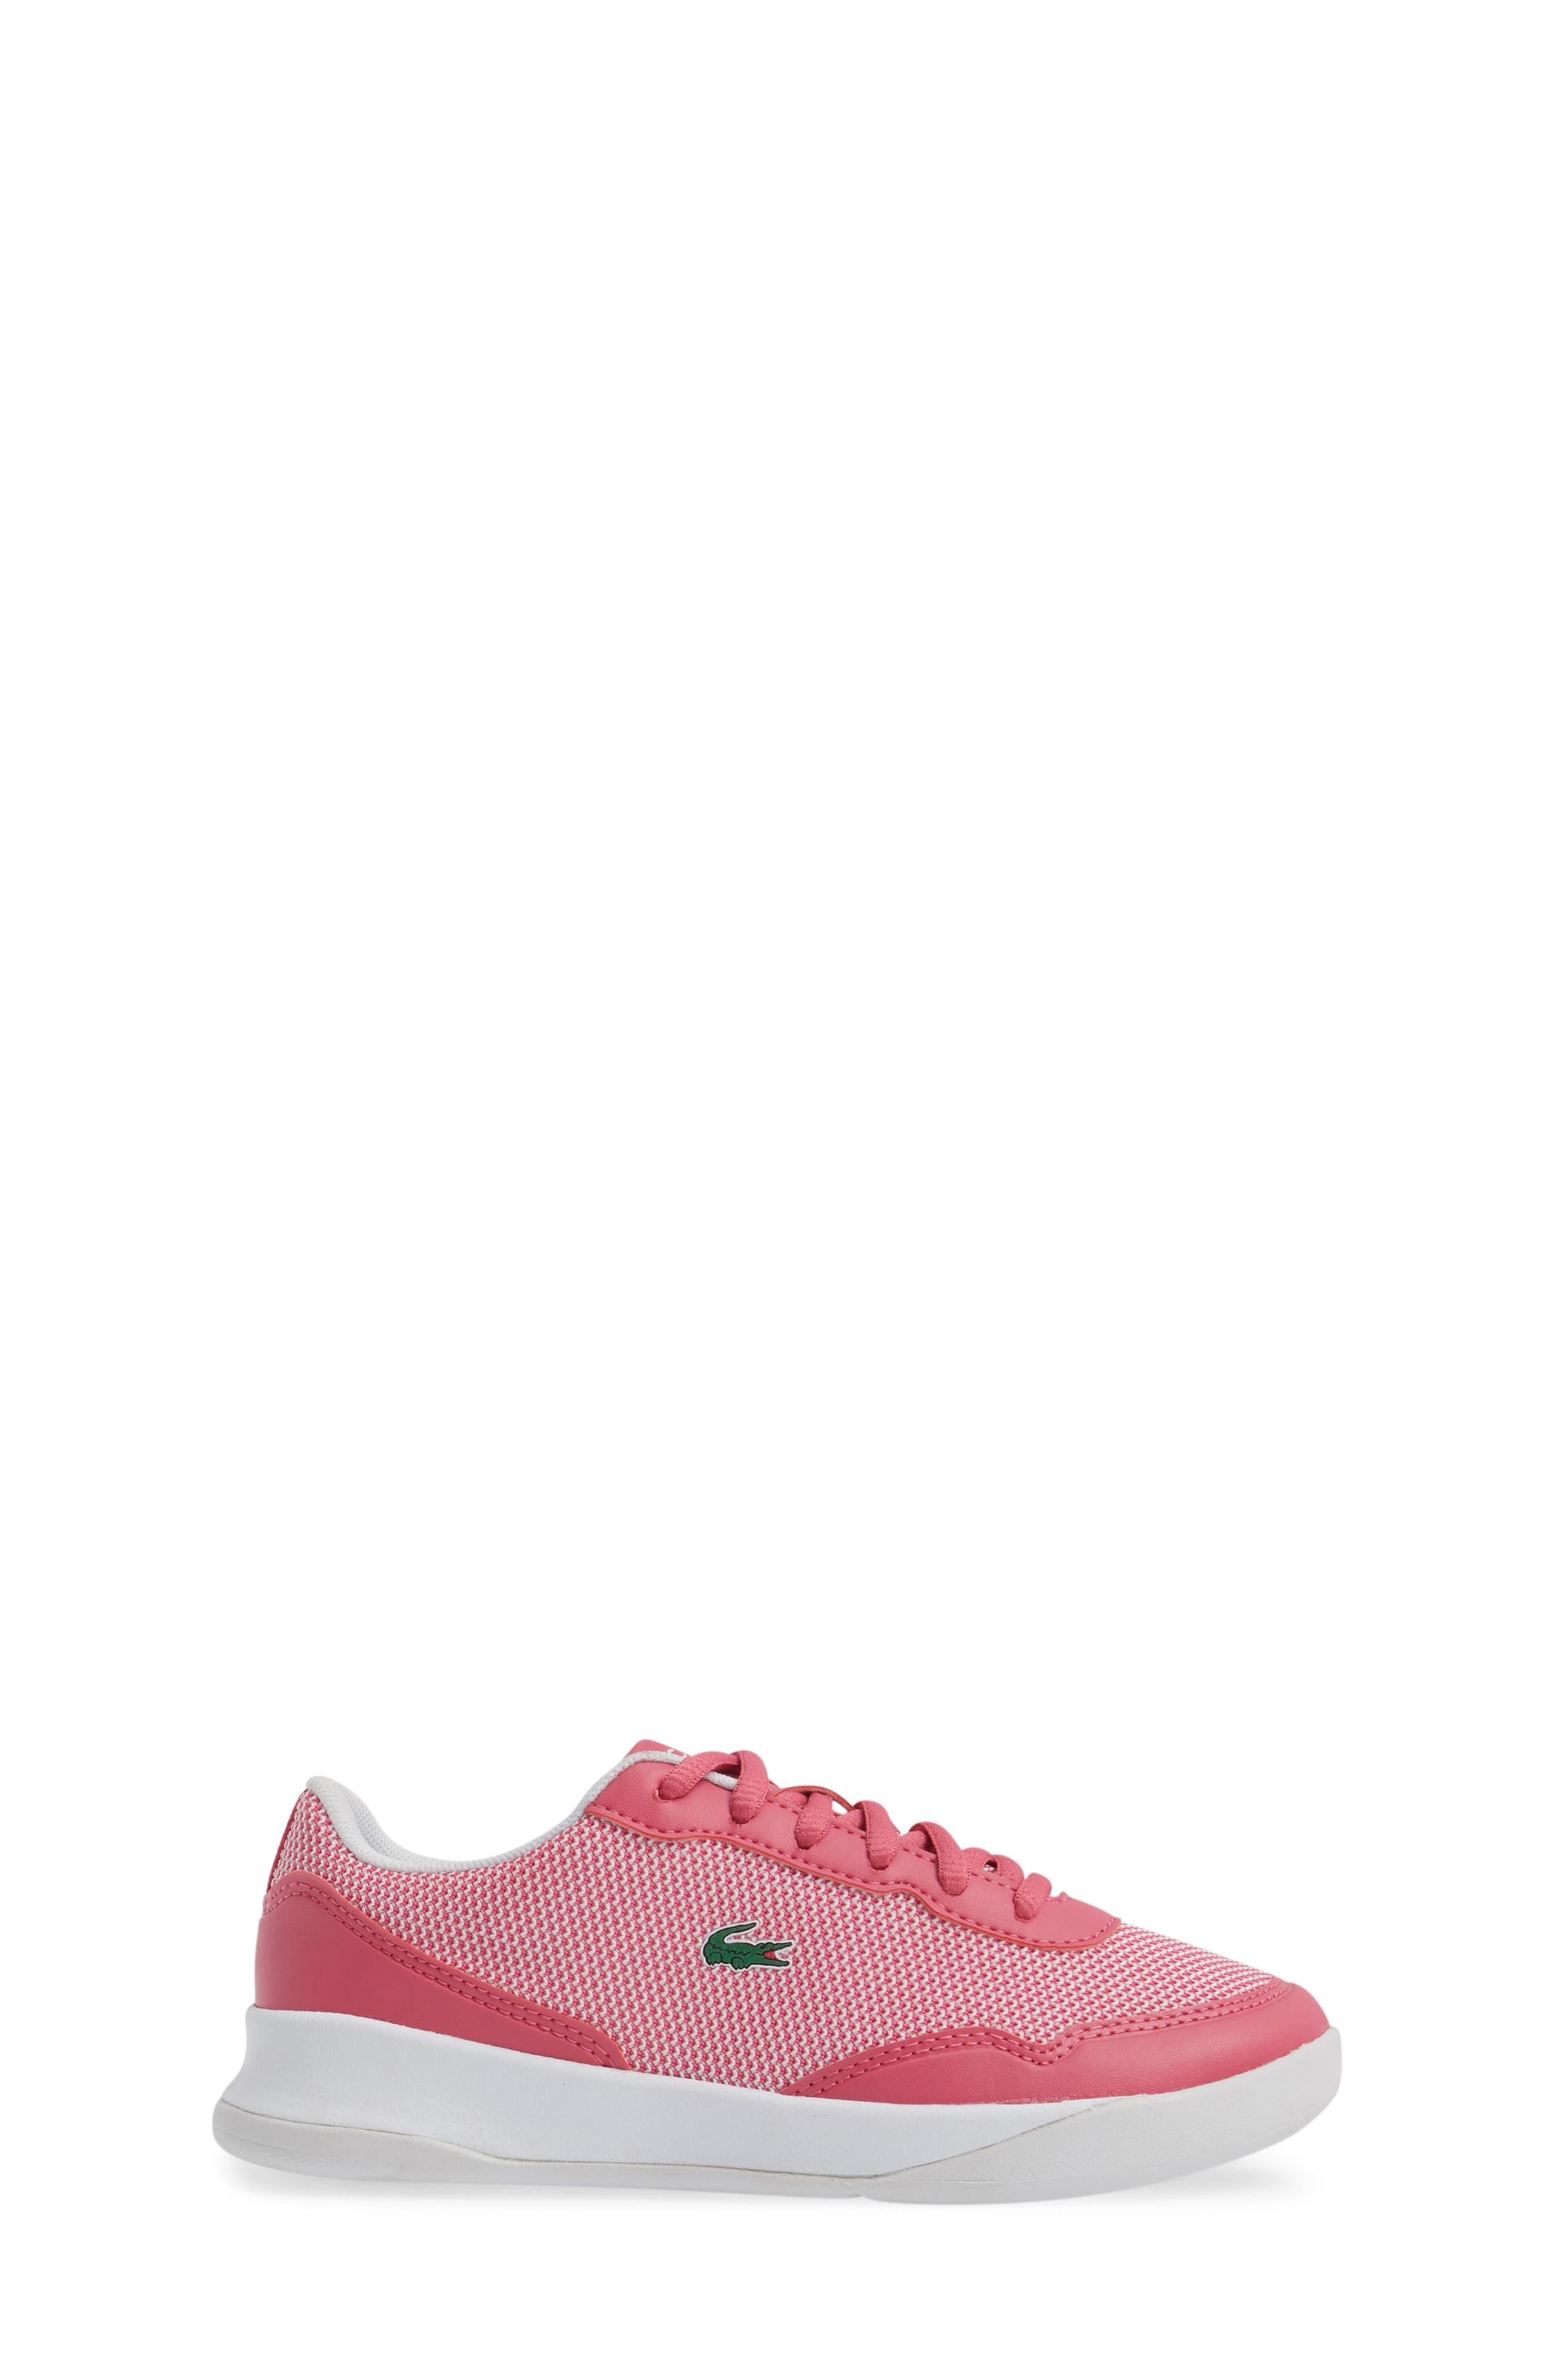 LT Spirit Woven Sneaker,                             Alternate thumbnail 3, color,                             662